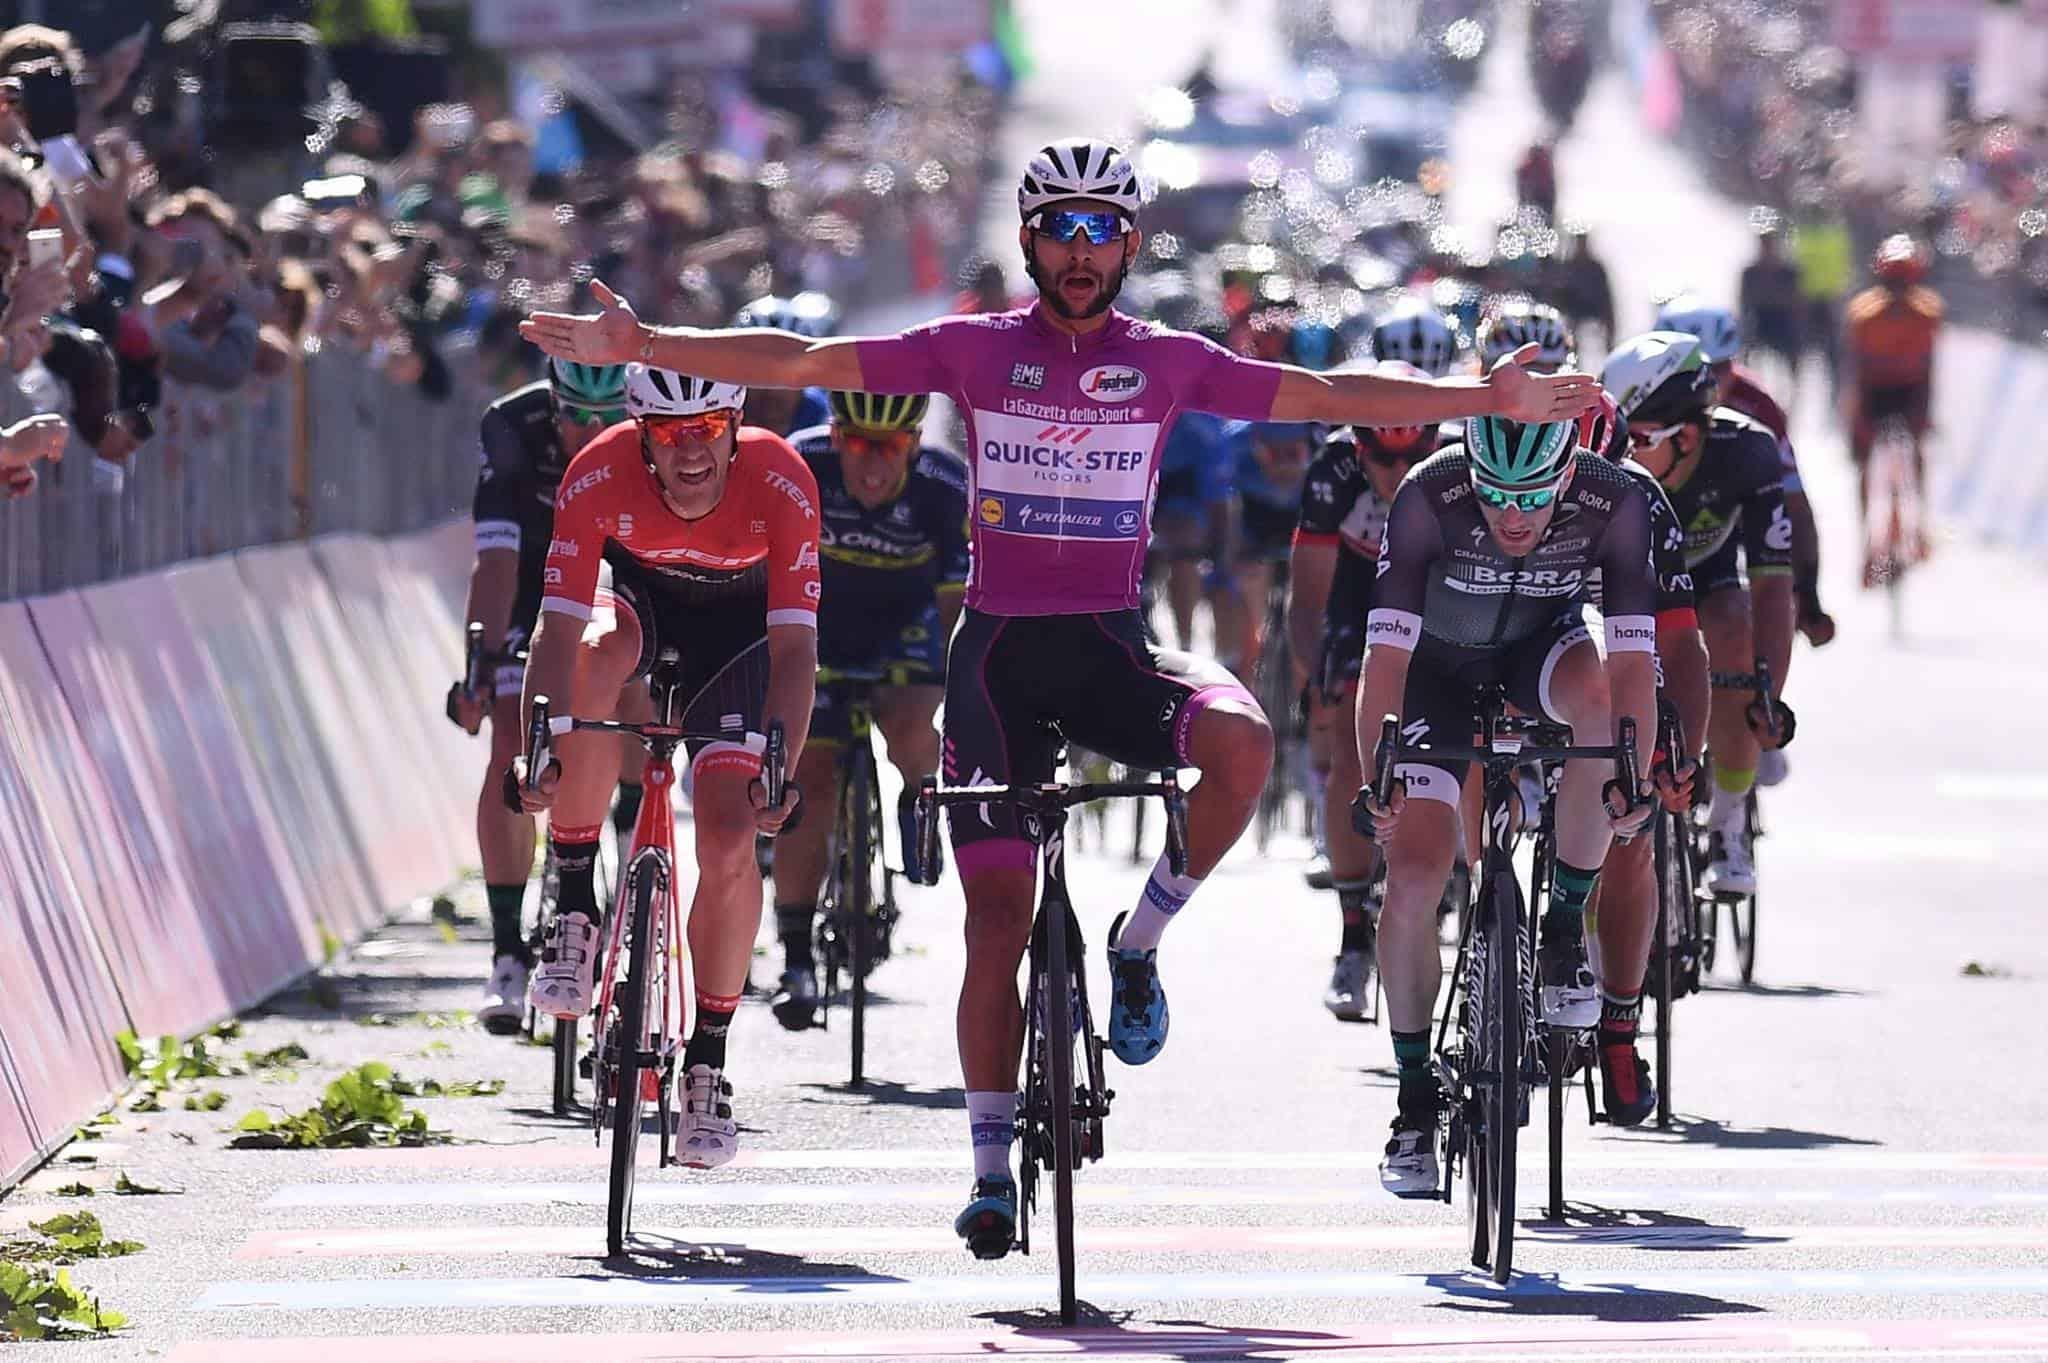 Giro d'Italia, 13° Tappa: Gaviria mostruoso, mette tutti alle sue spalle per la quarta volta